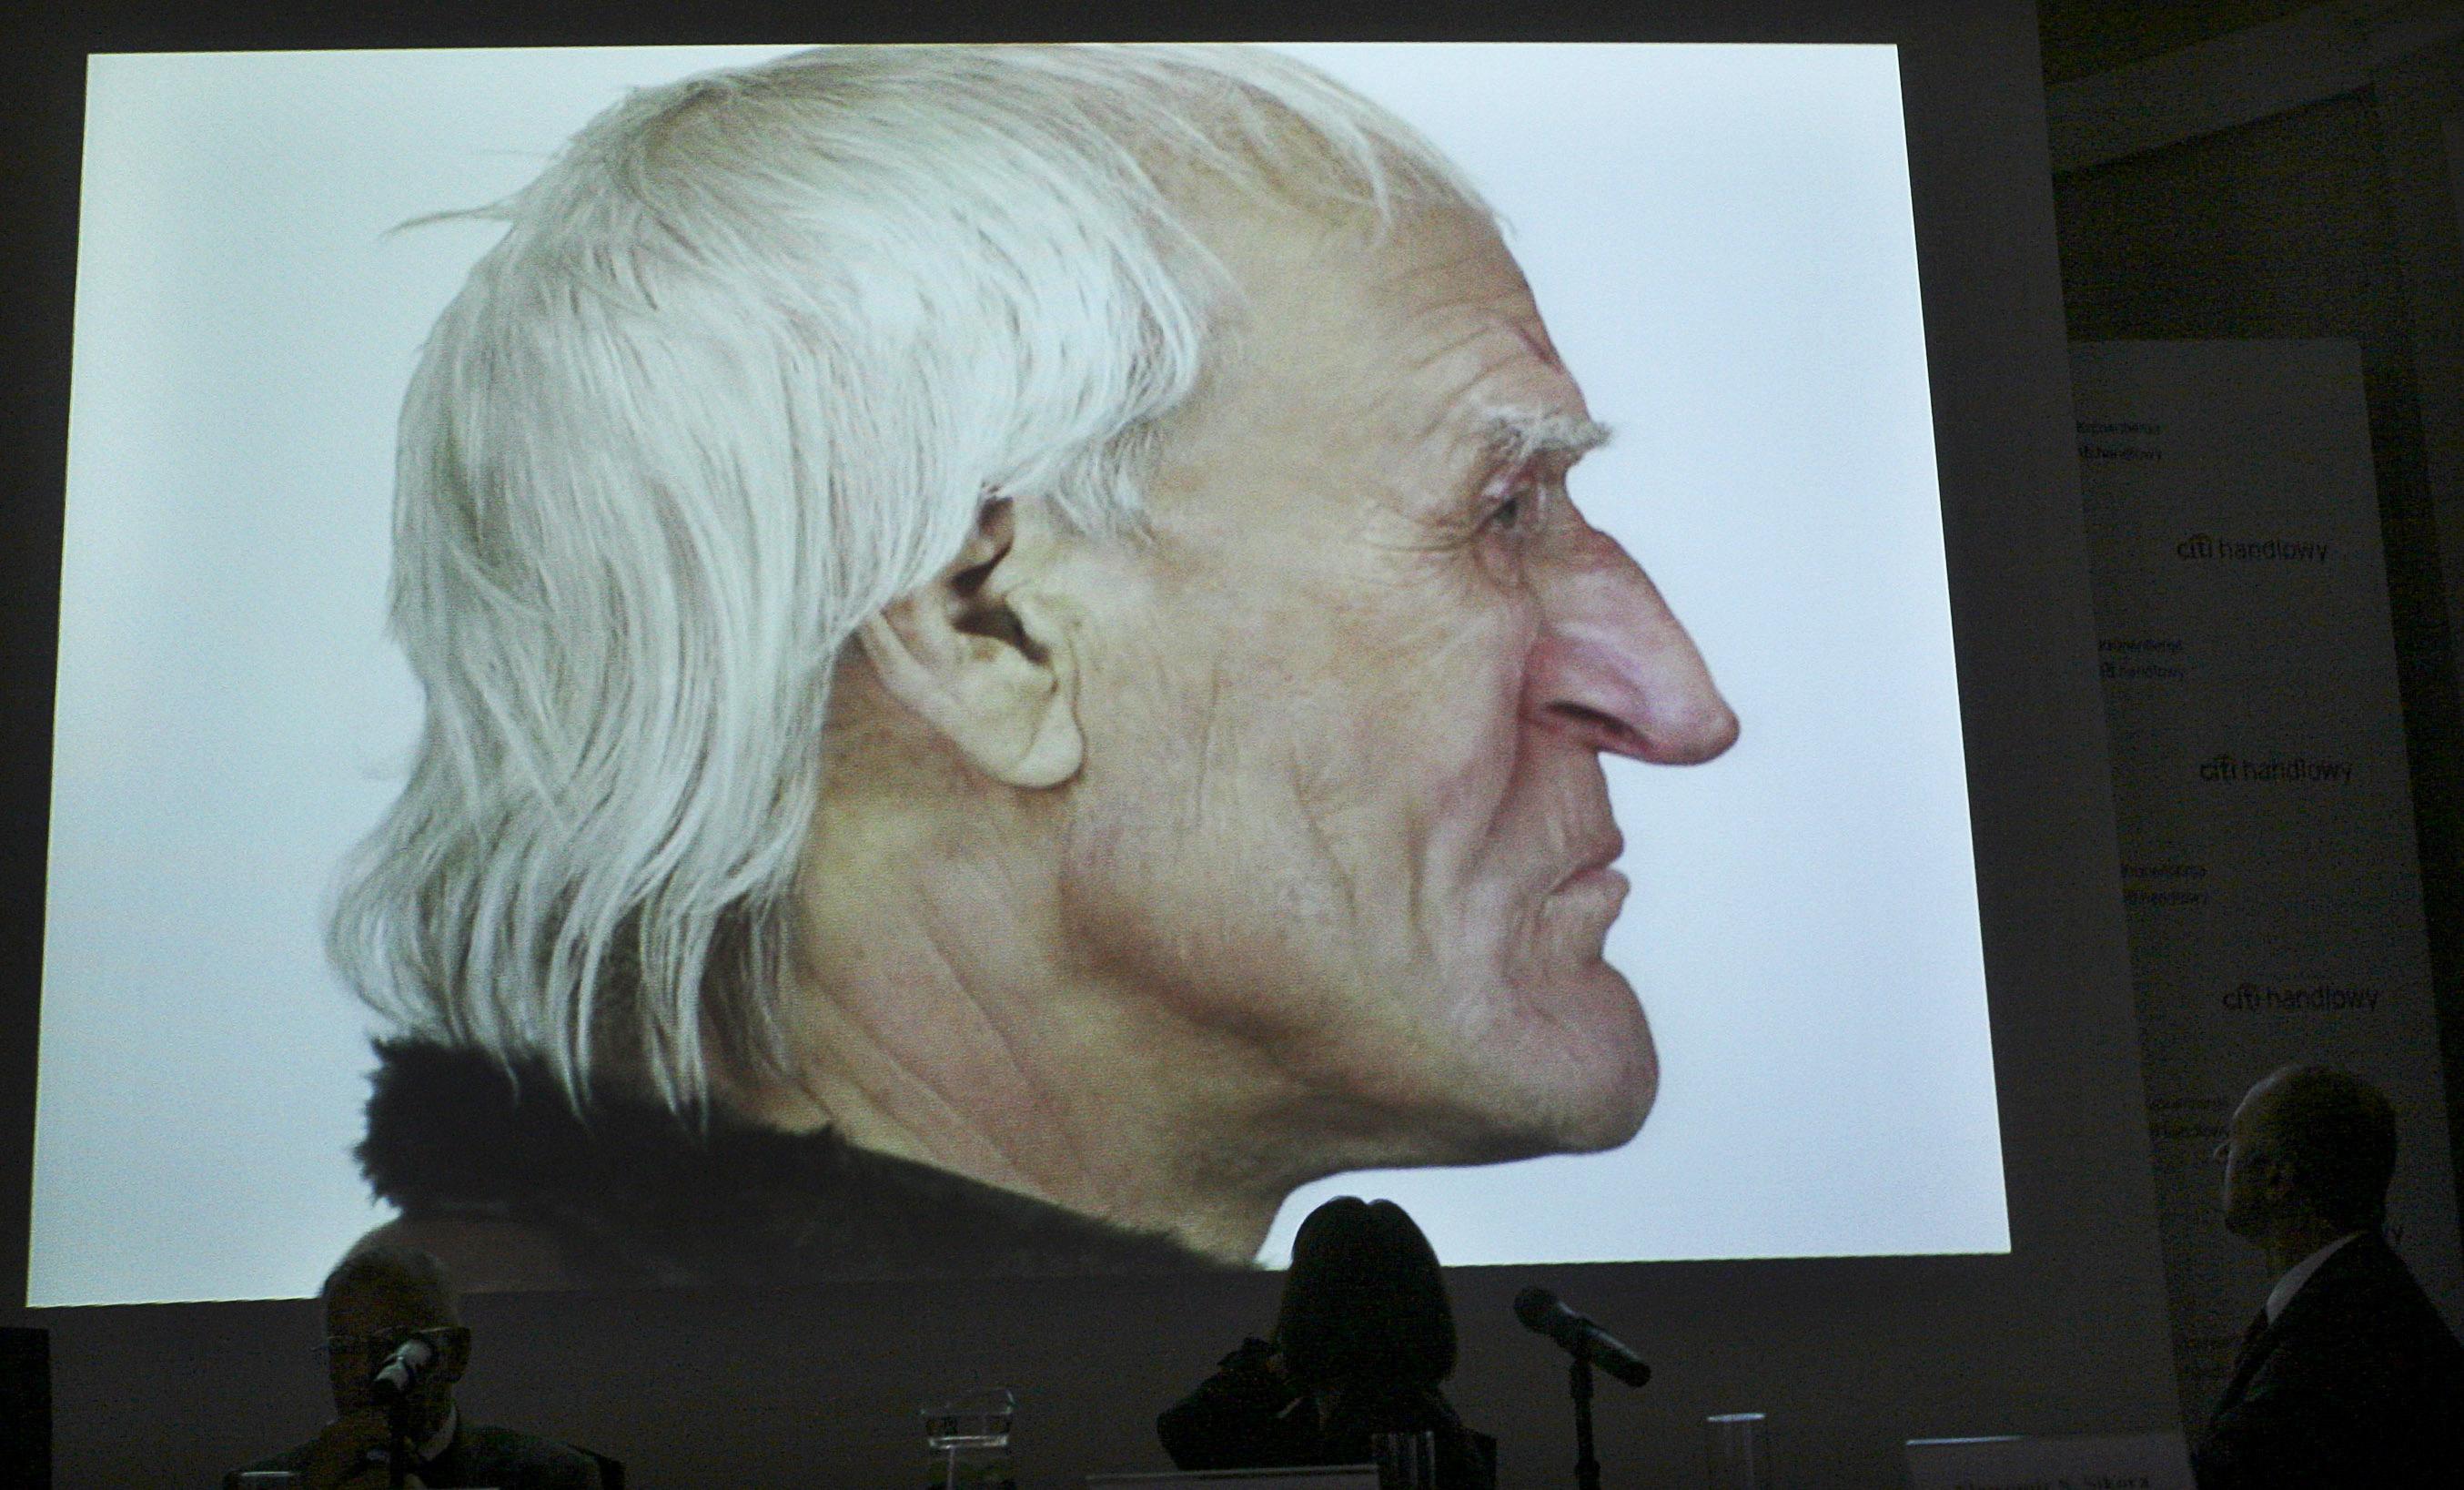 Face of Copernicus